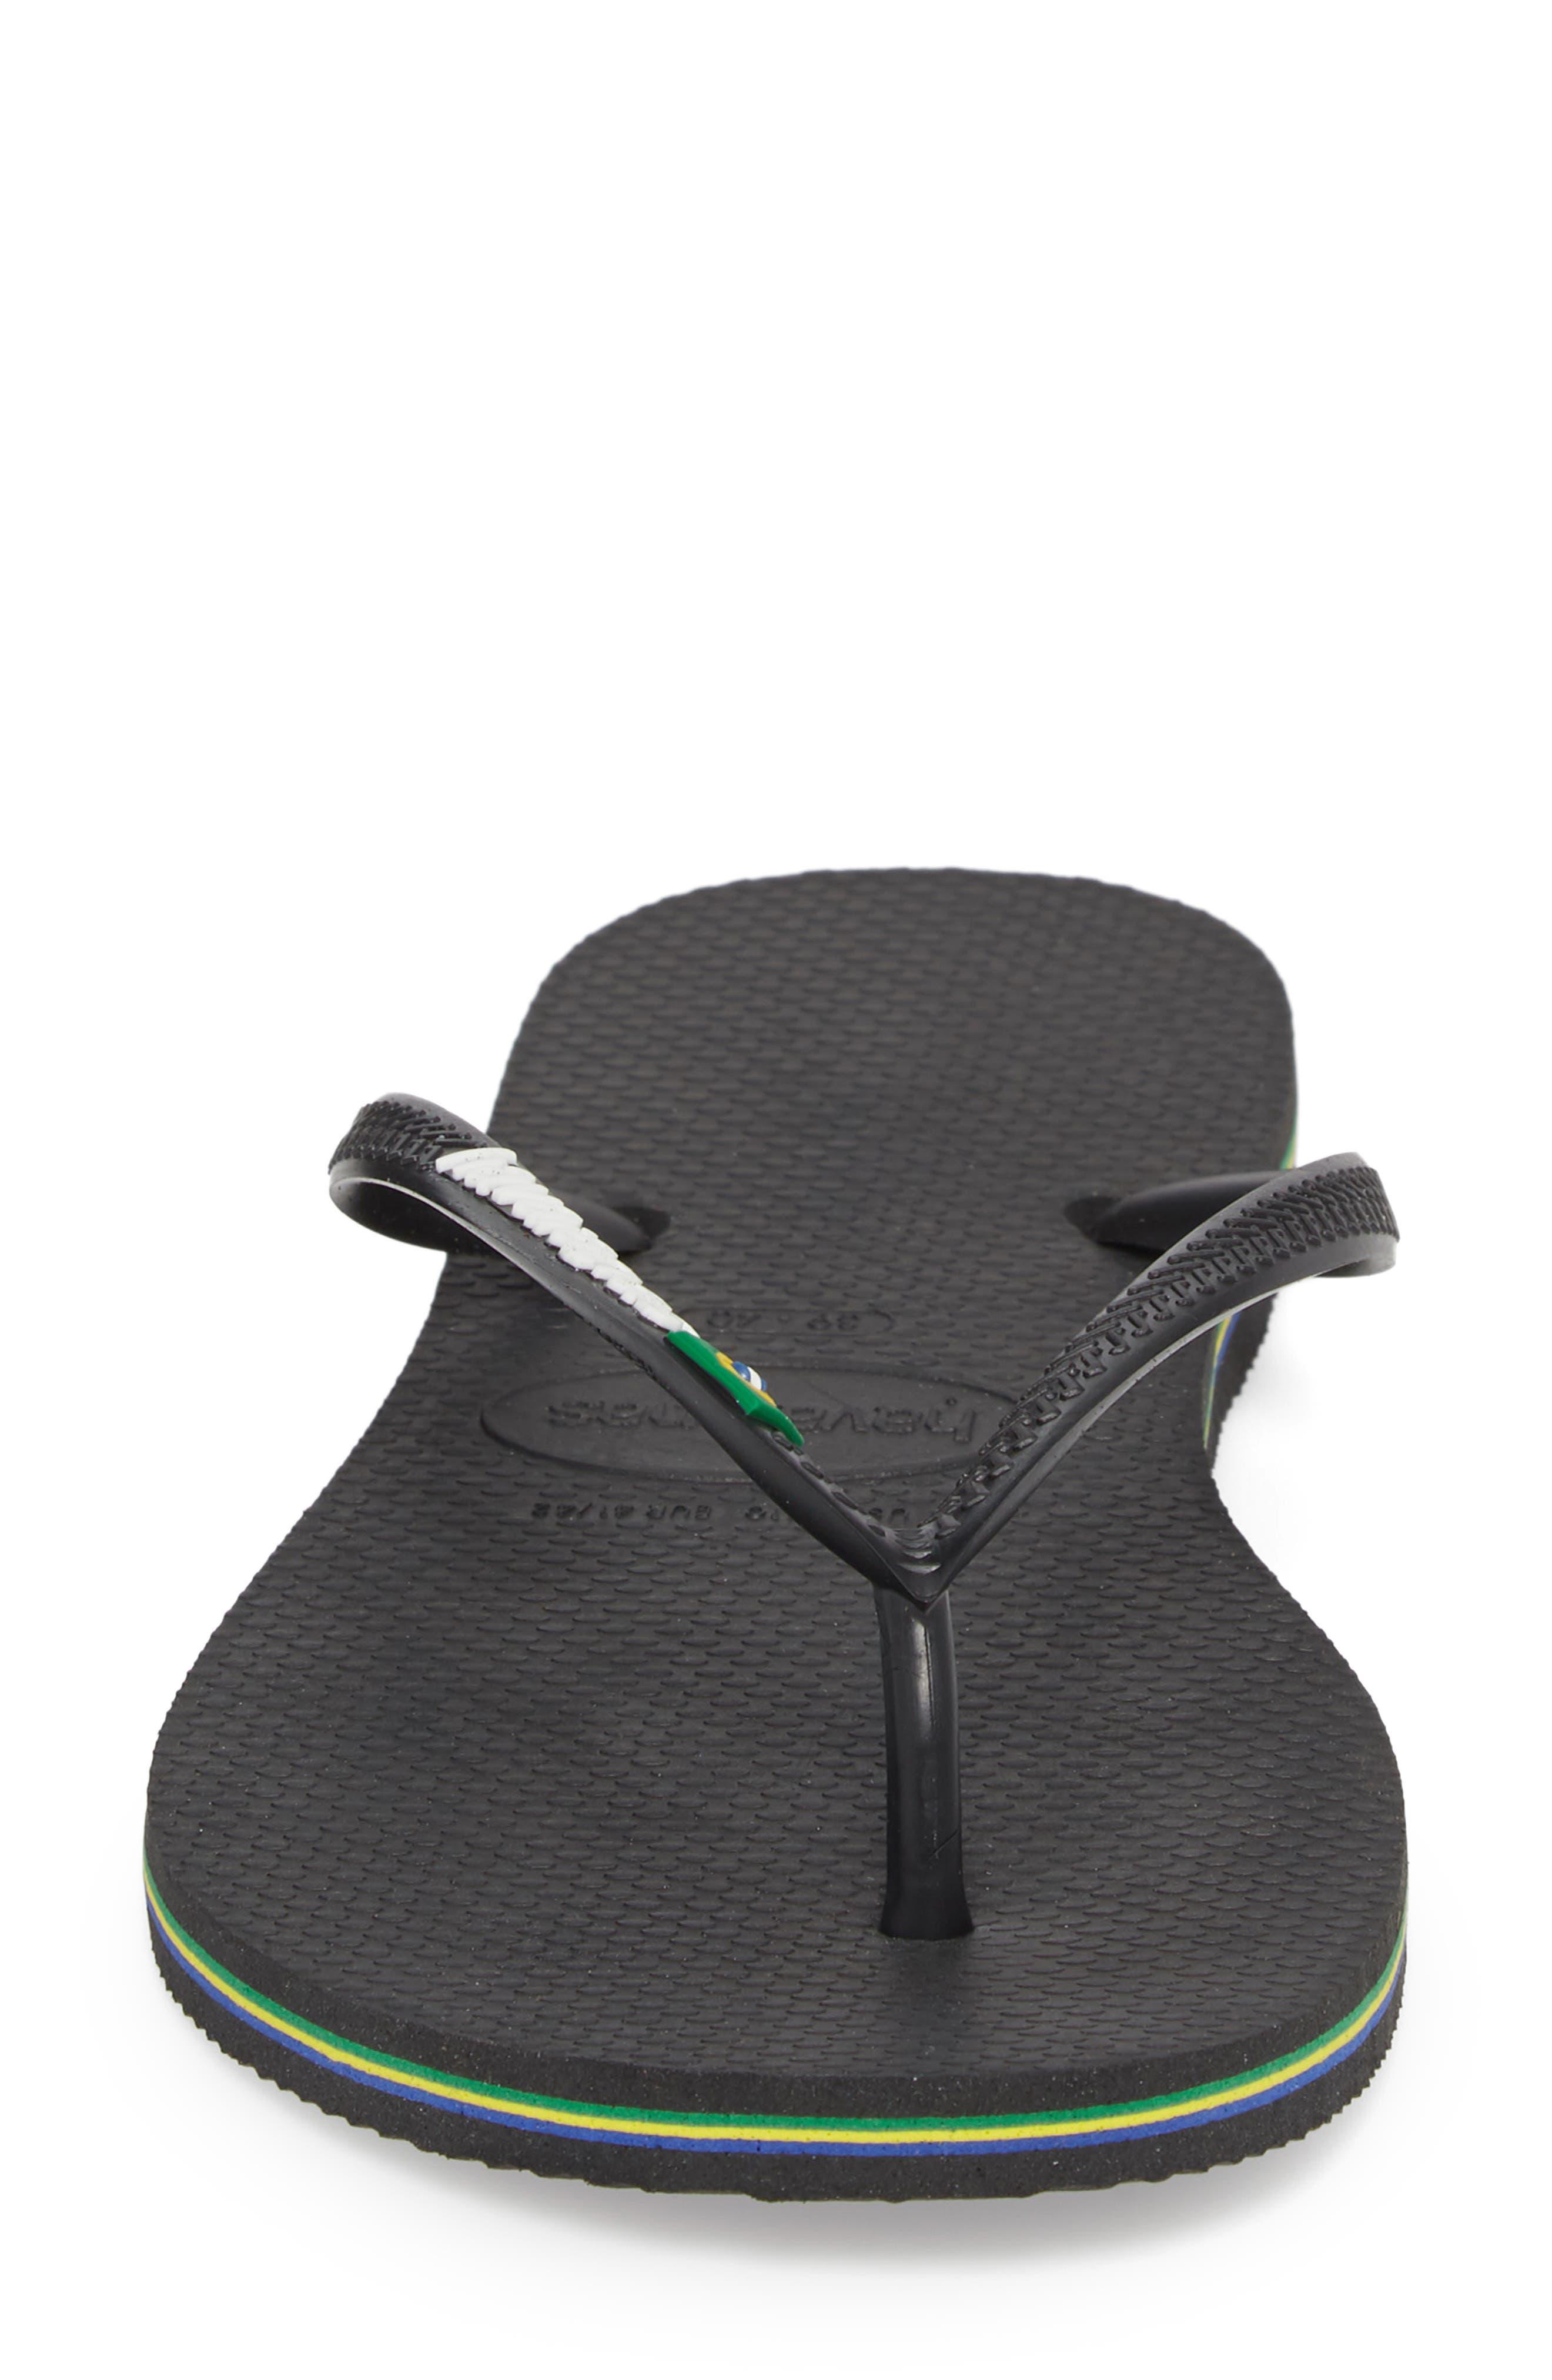 HAVAIANAS, Slim Brazil Flip Flop, Alternate thumbnail 5, color, BLACK